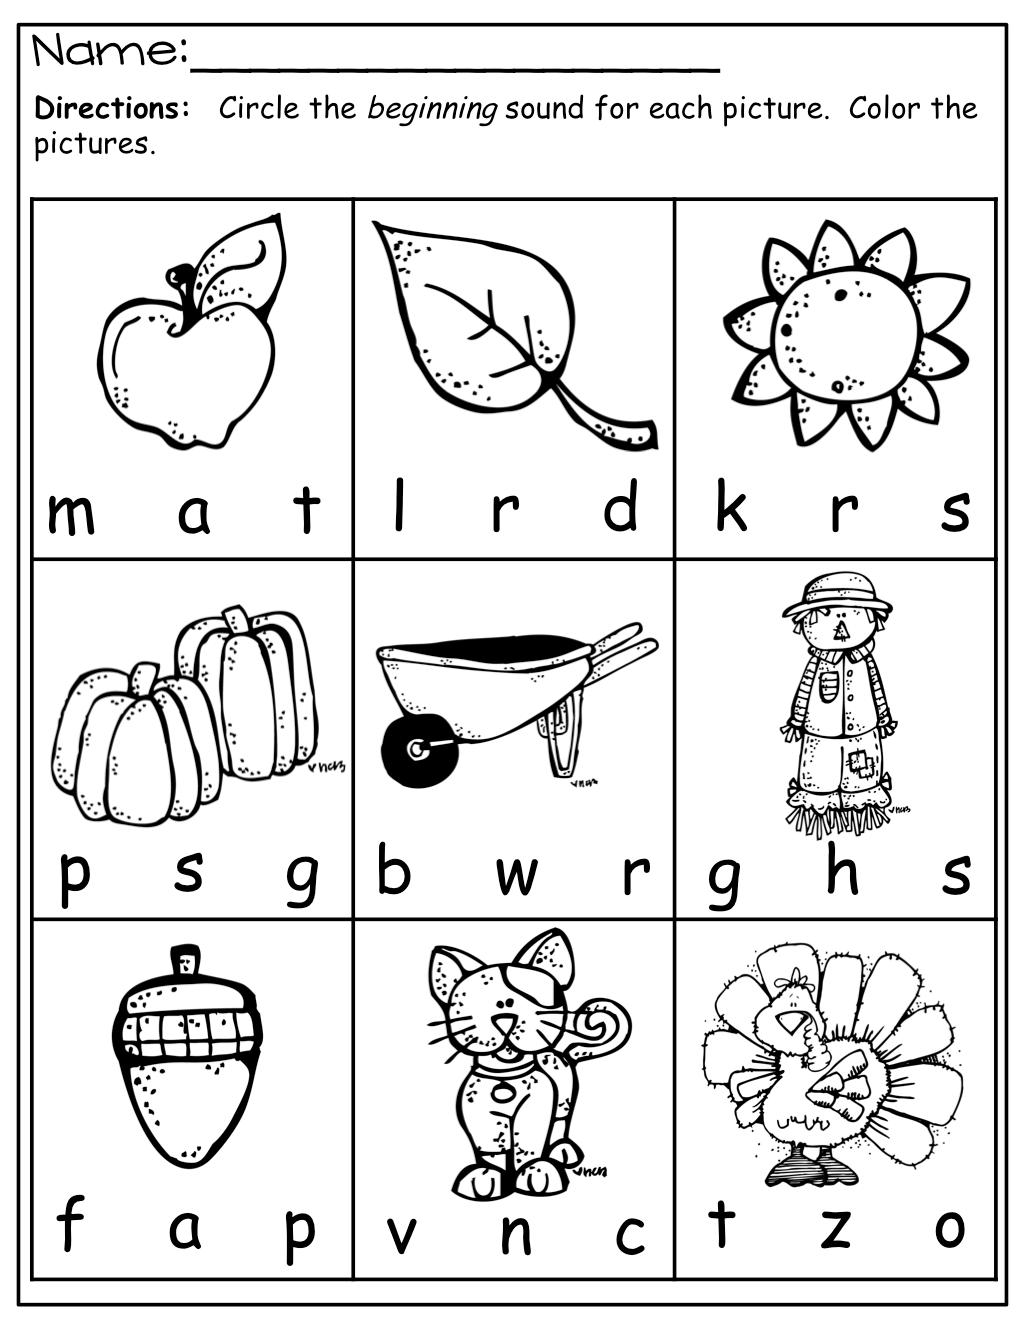 Teacherspayteachers Product Fall Math And Literacy Packet Kindergarten 6